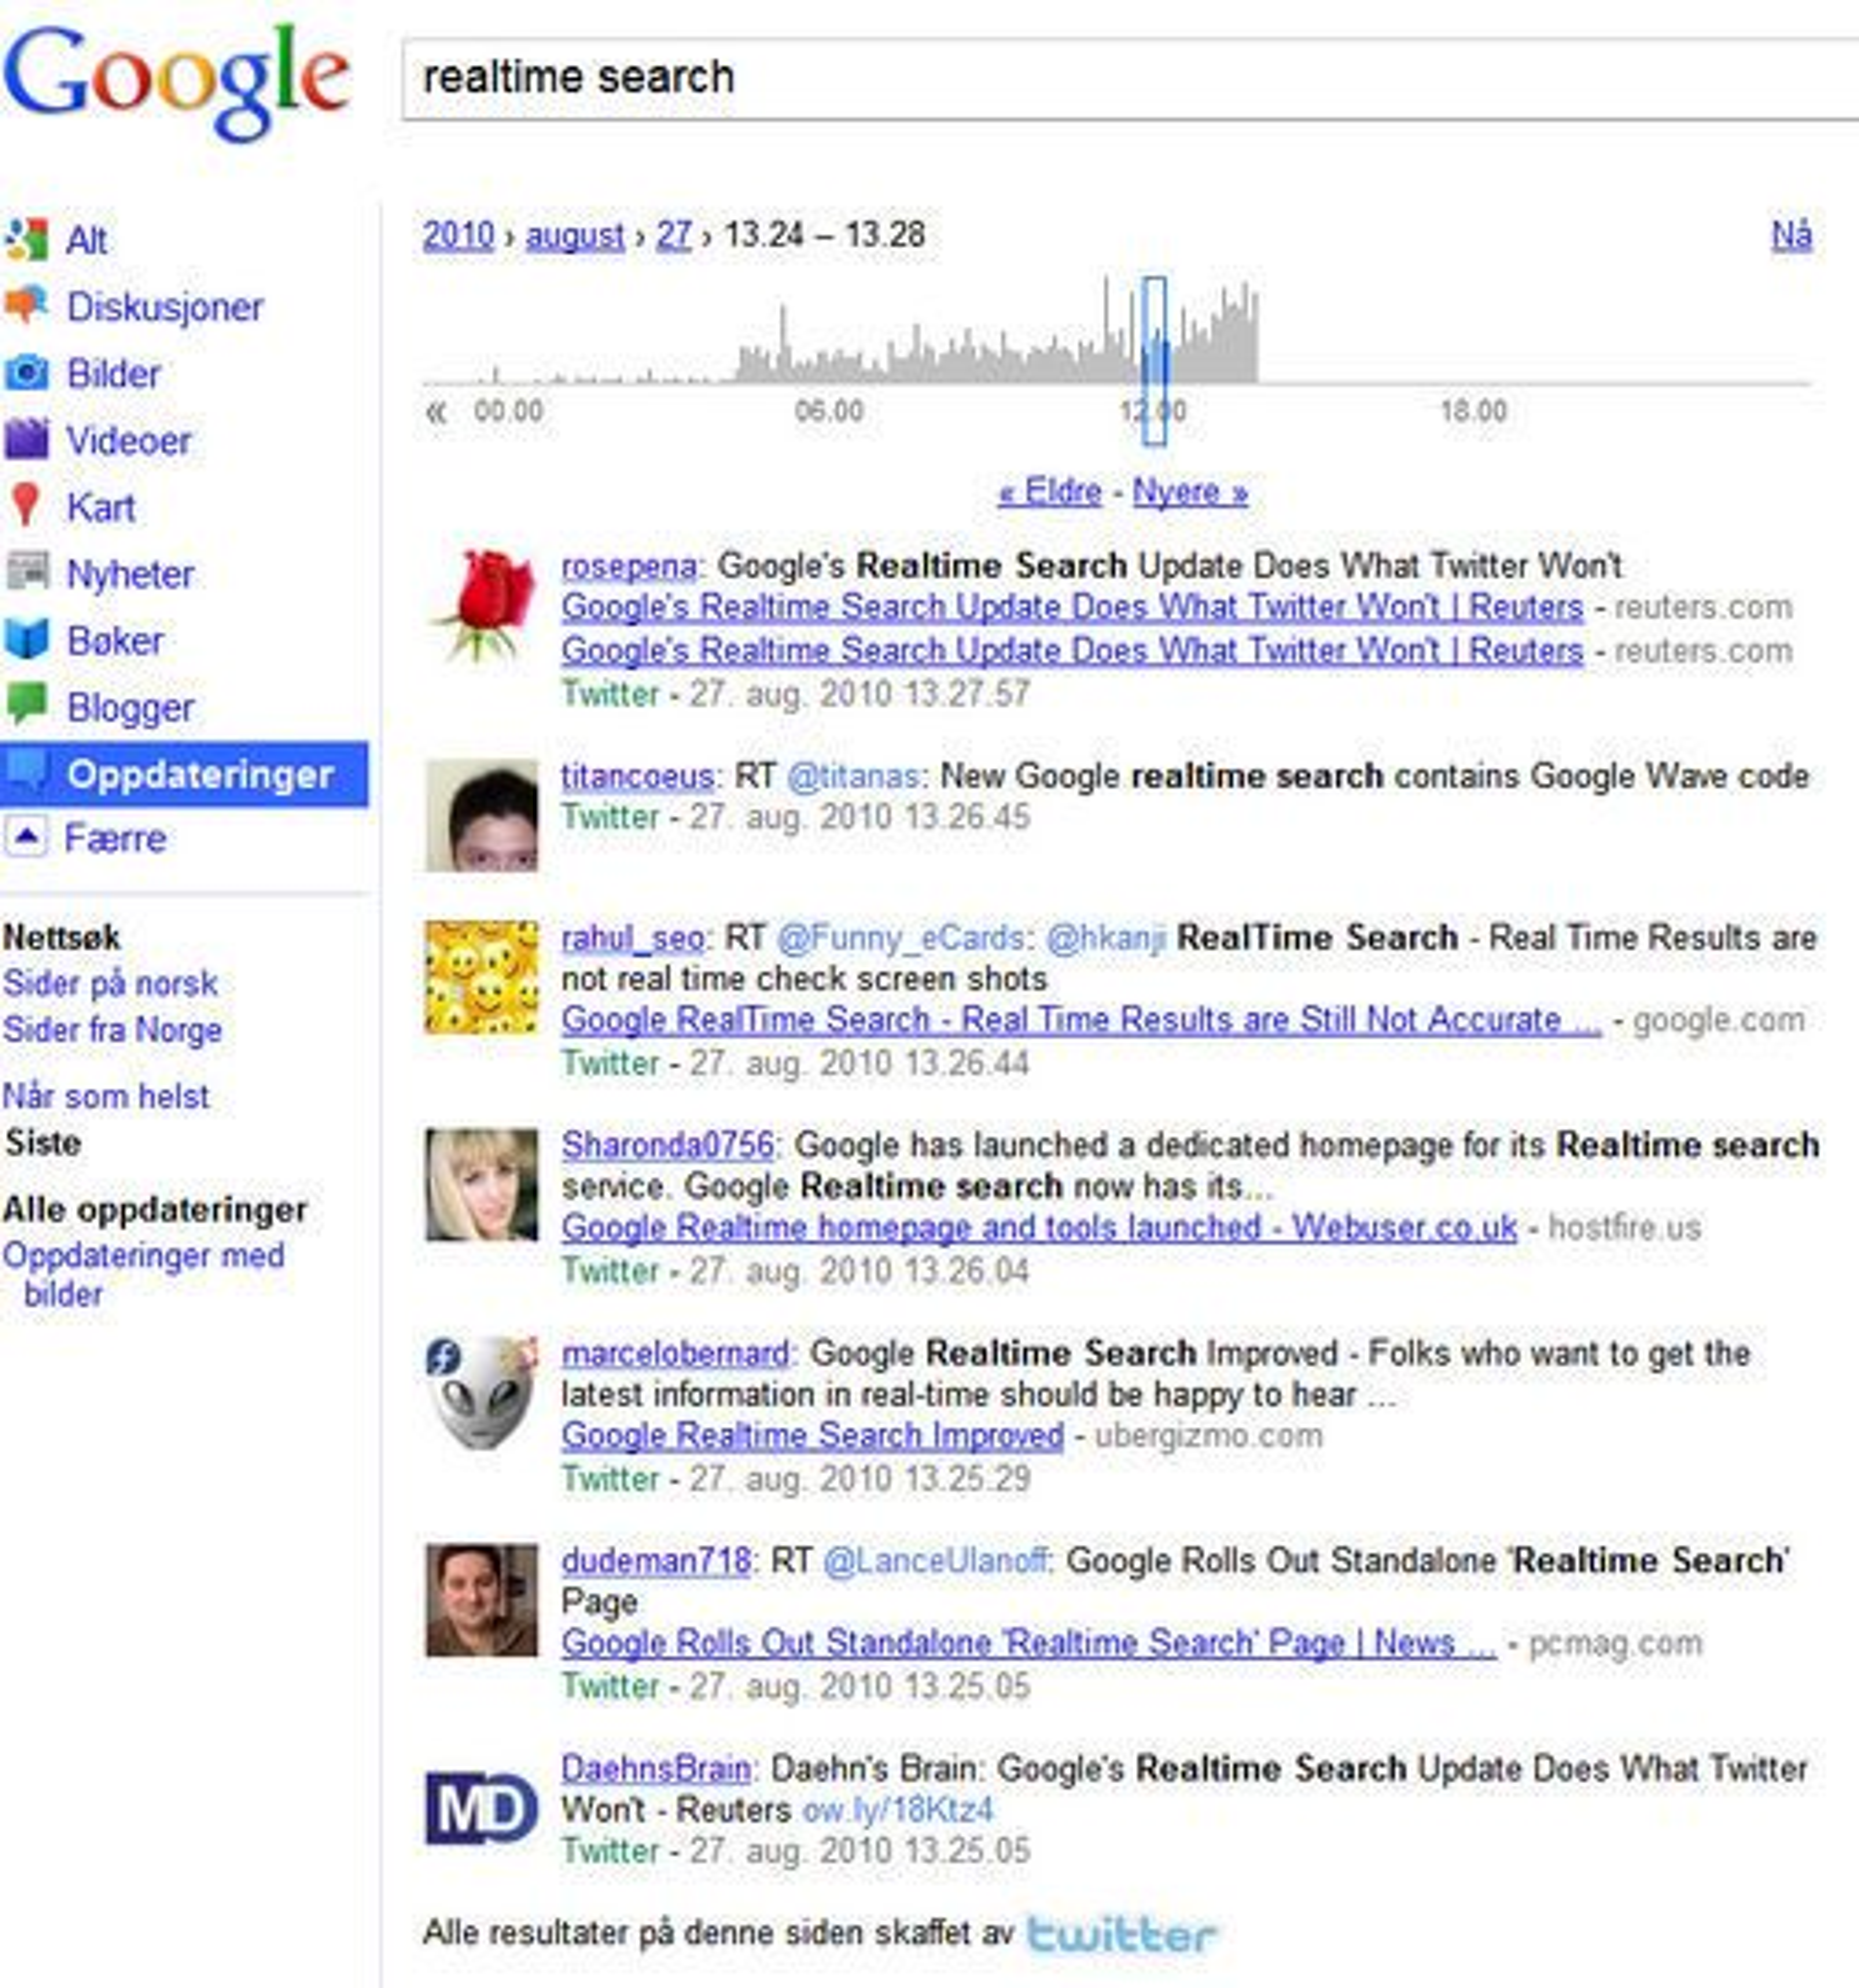 Googles sannstidsøk viser de nyeste meldingene om temaet man søker etter. Resultatene stammer først og fremst fra Twitter.